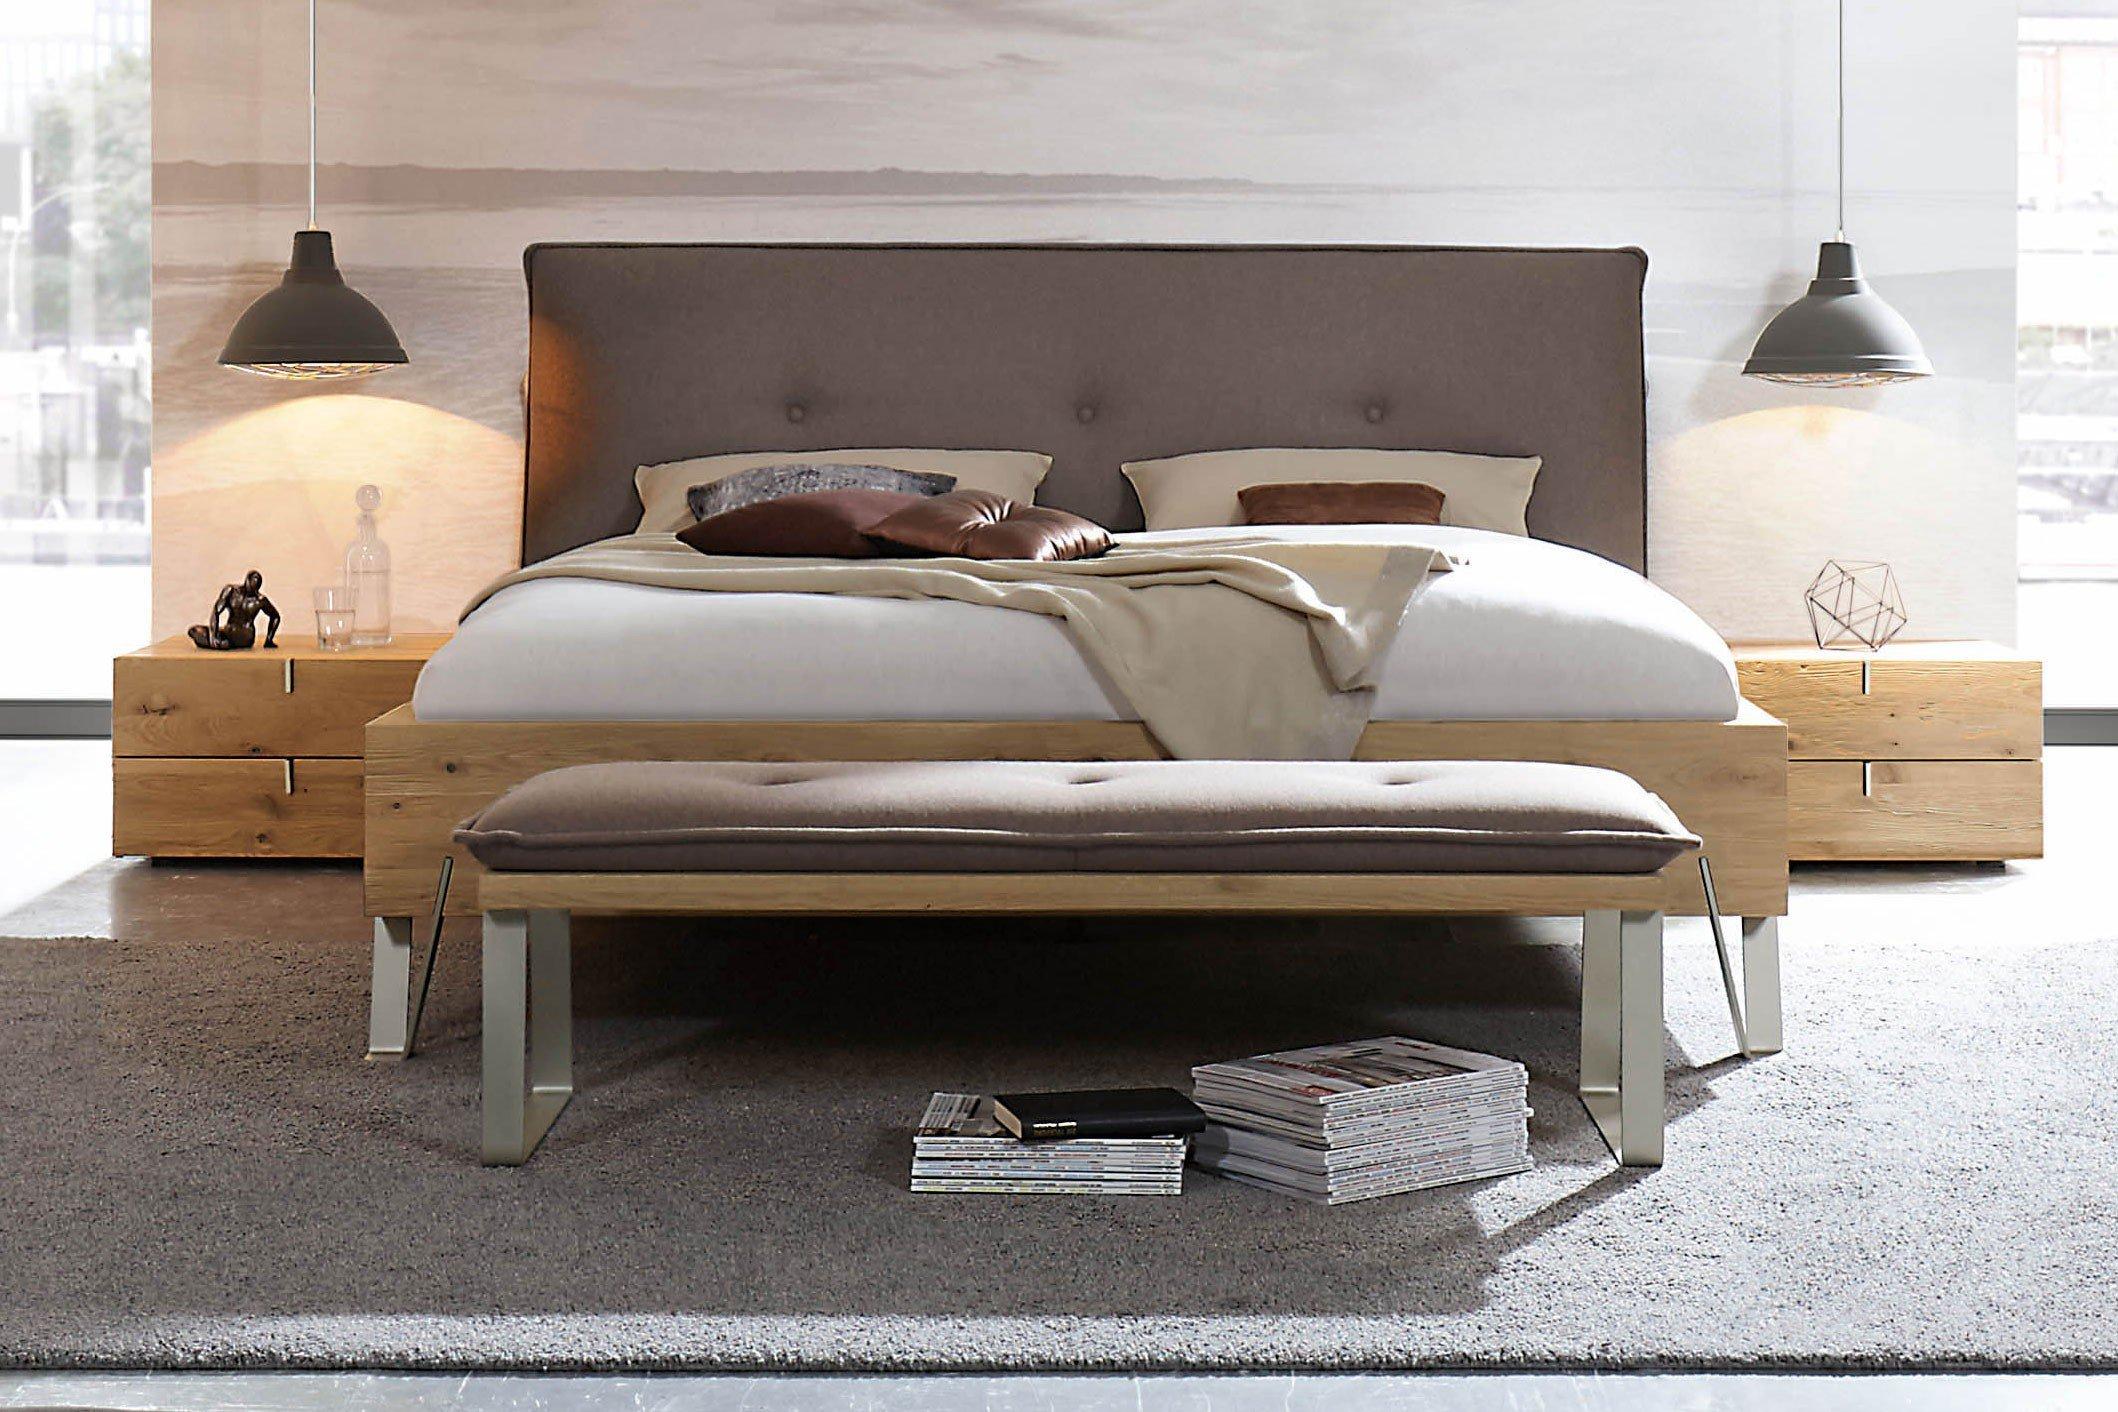 Full Size of Bett 200x220 Thielemeyer Cubo Wildeiche Mbel Letz Ihr Online Shop Ausziehbar Betten überlänge 200x200 Komforthöhe Boxspring 80x200 Dormiente Bette Bett Bett 200x220